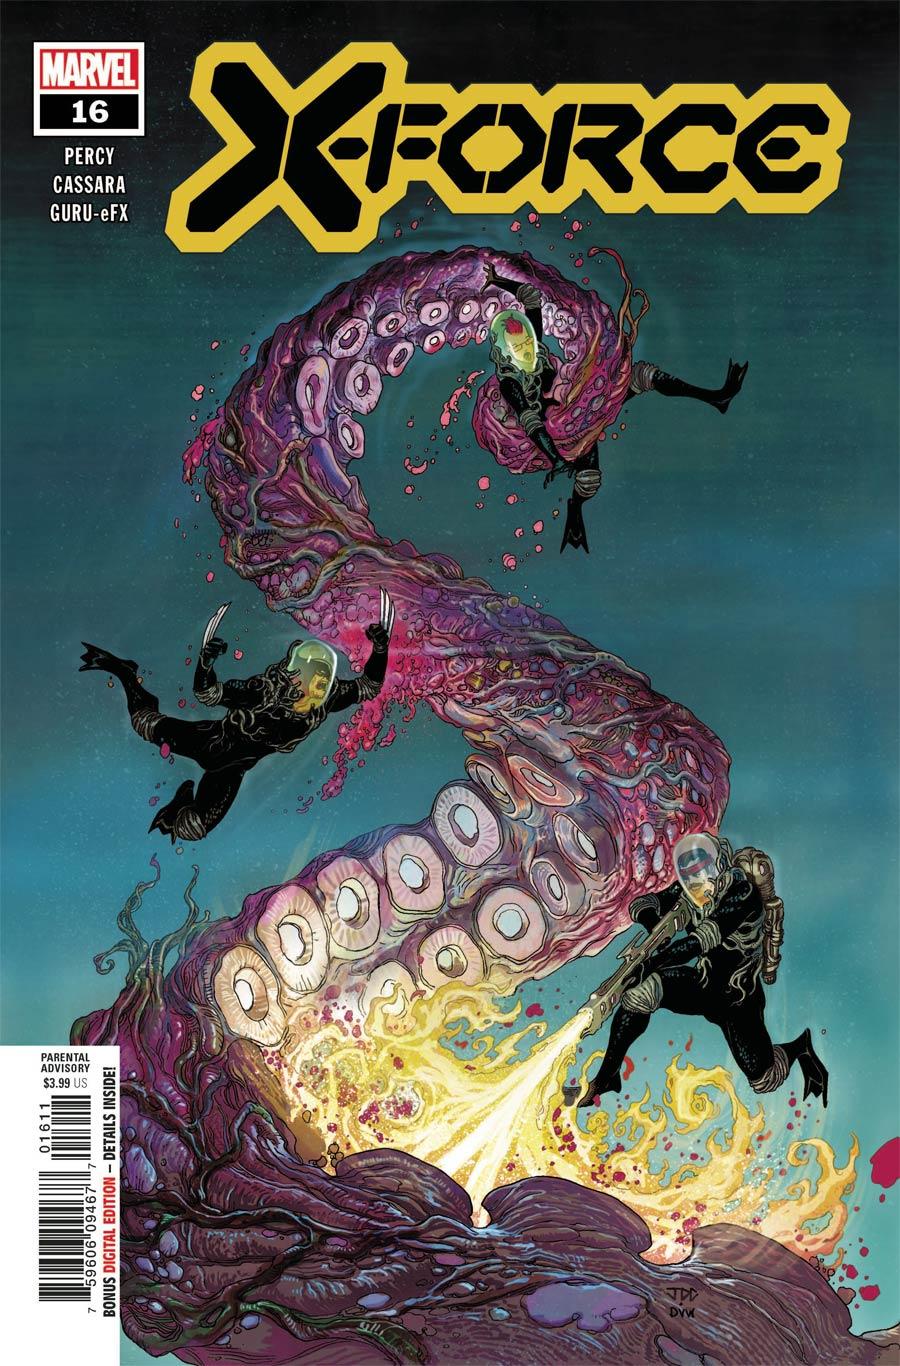 X-Force Vol 6 #16 Cover A Regular Joshua Cassara Cover